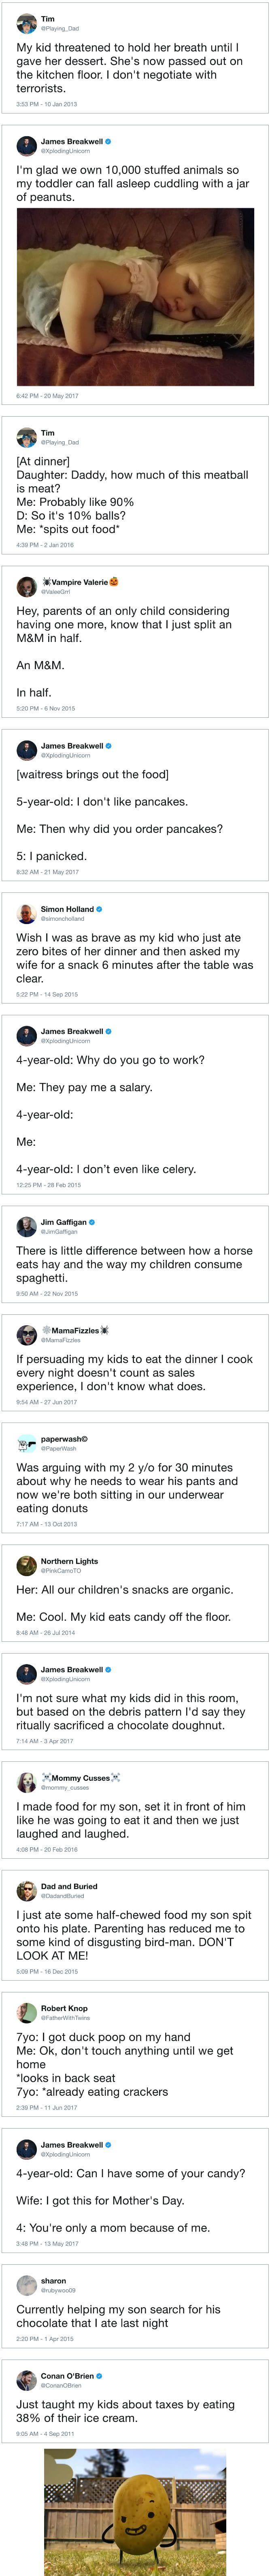 Parents vs. Mealtime